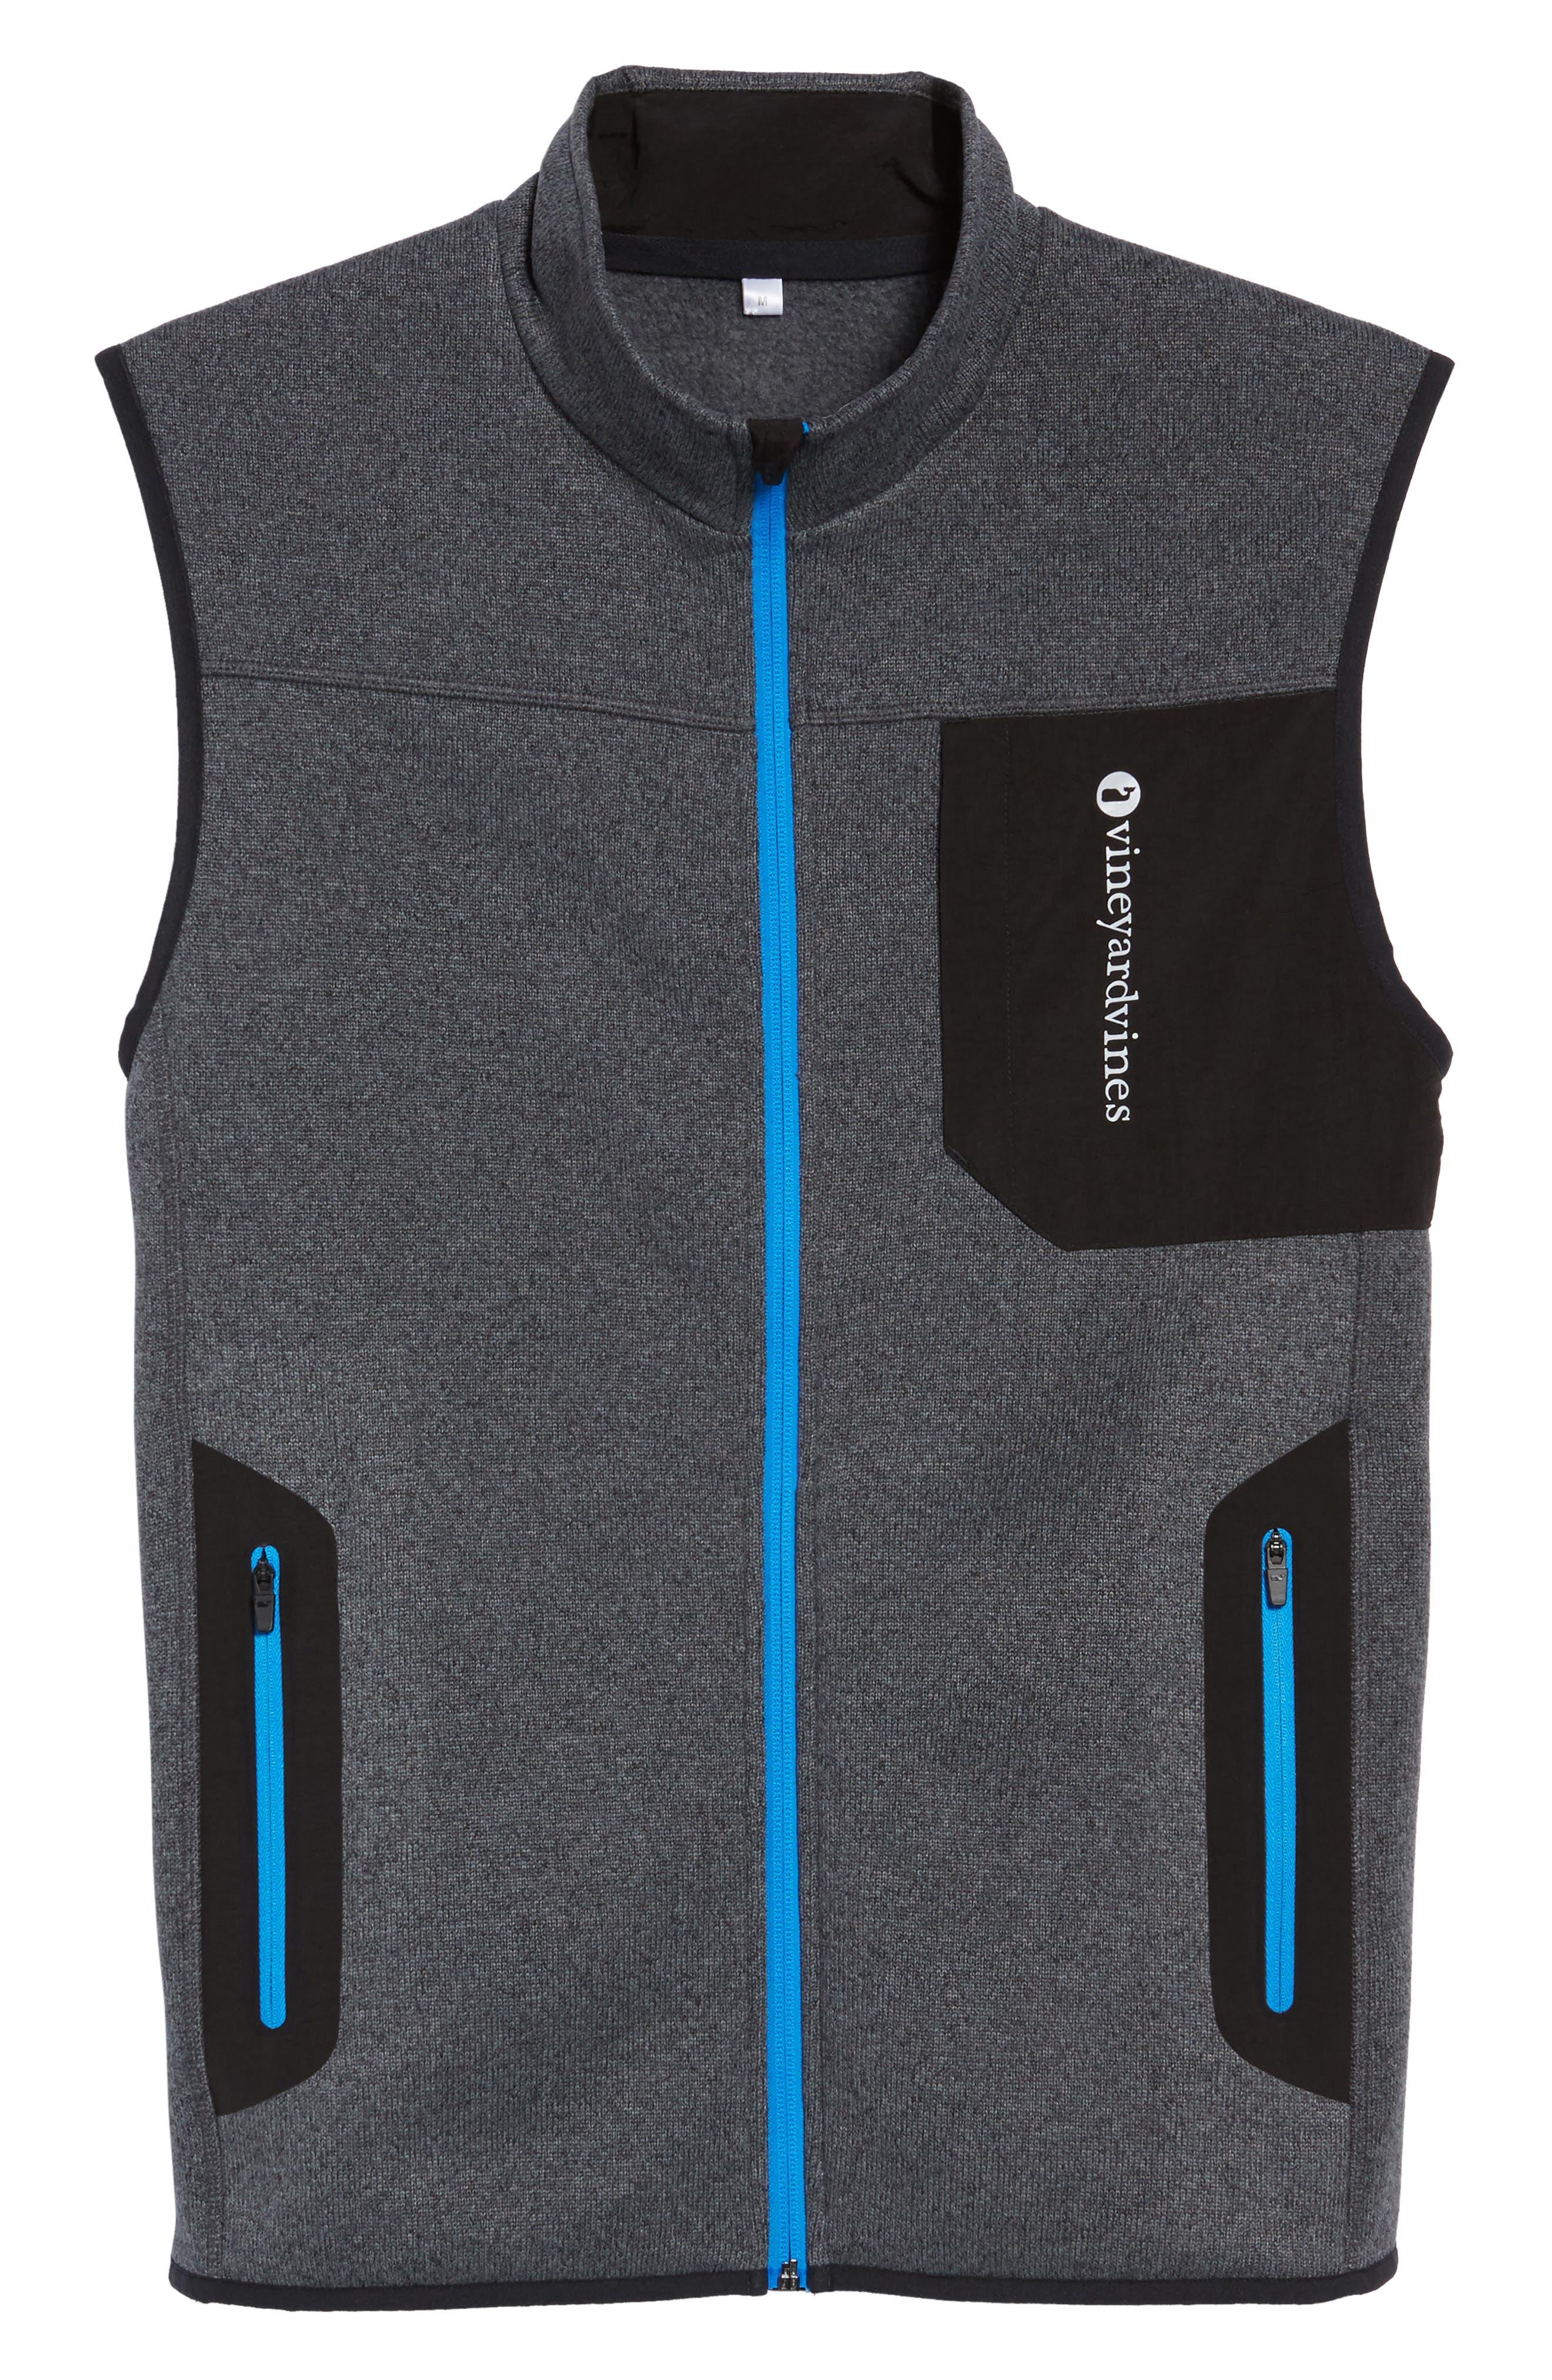 Tech Sweater Fleece Vest,                             Alternate thumbnail 6, color,                             Charcoal